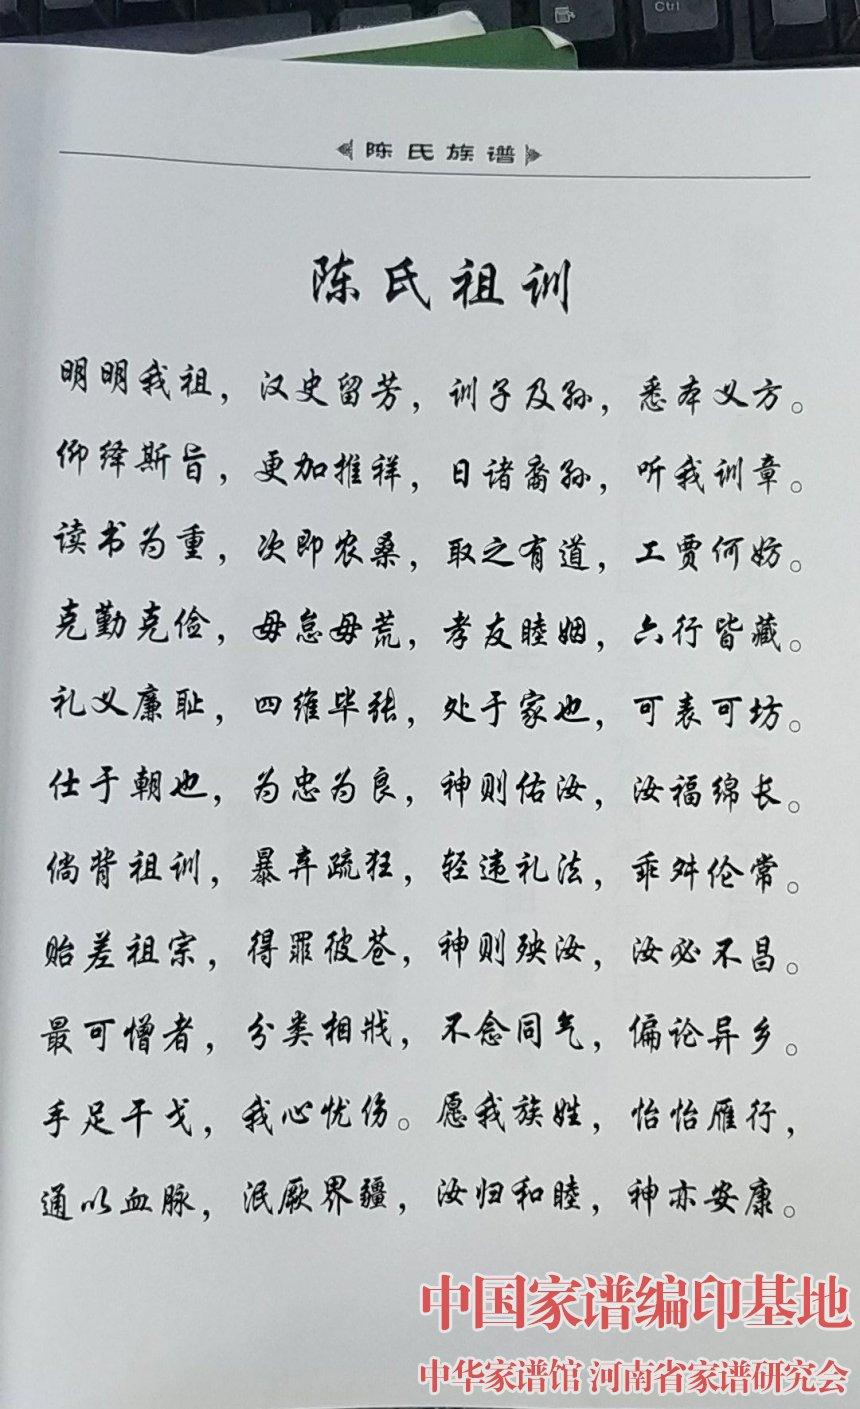 河南民权山东曹县陈氏家训.jpg